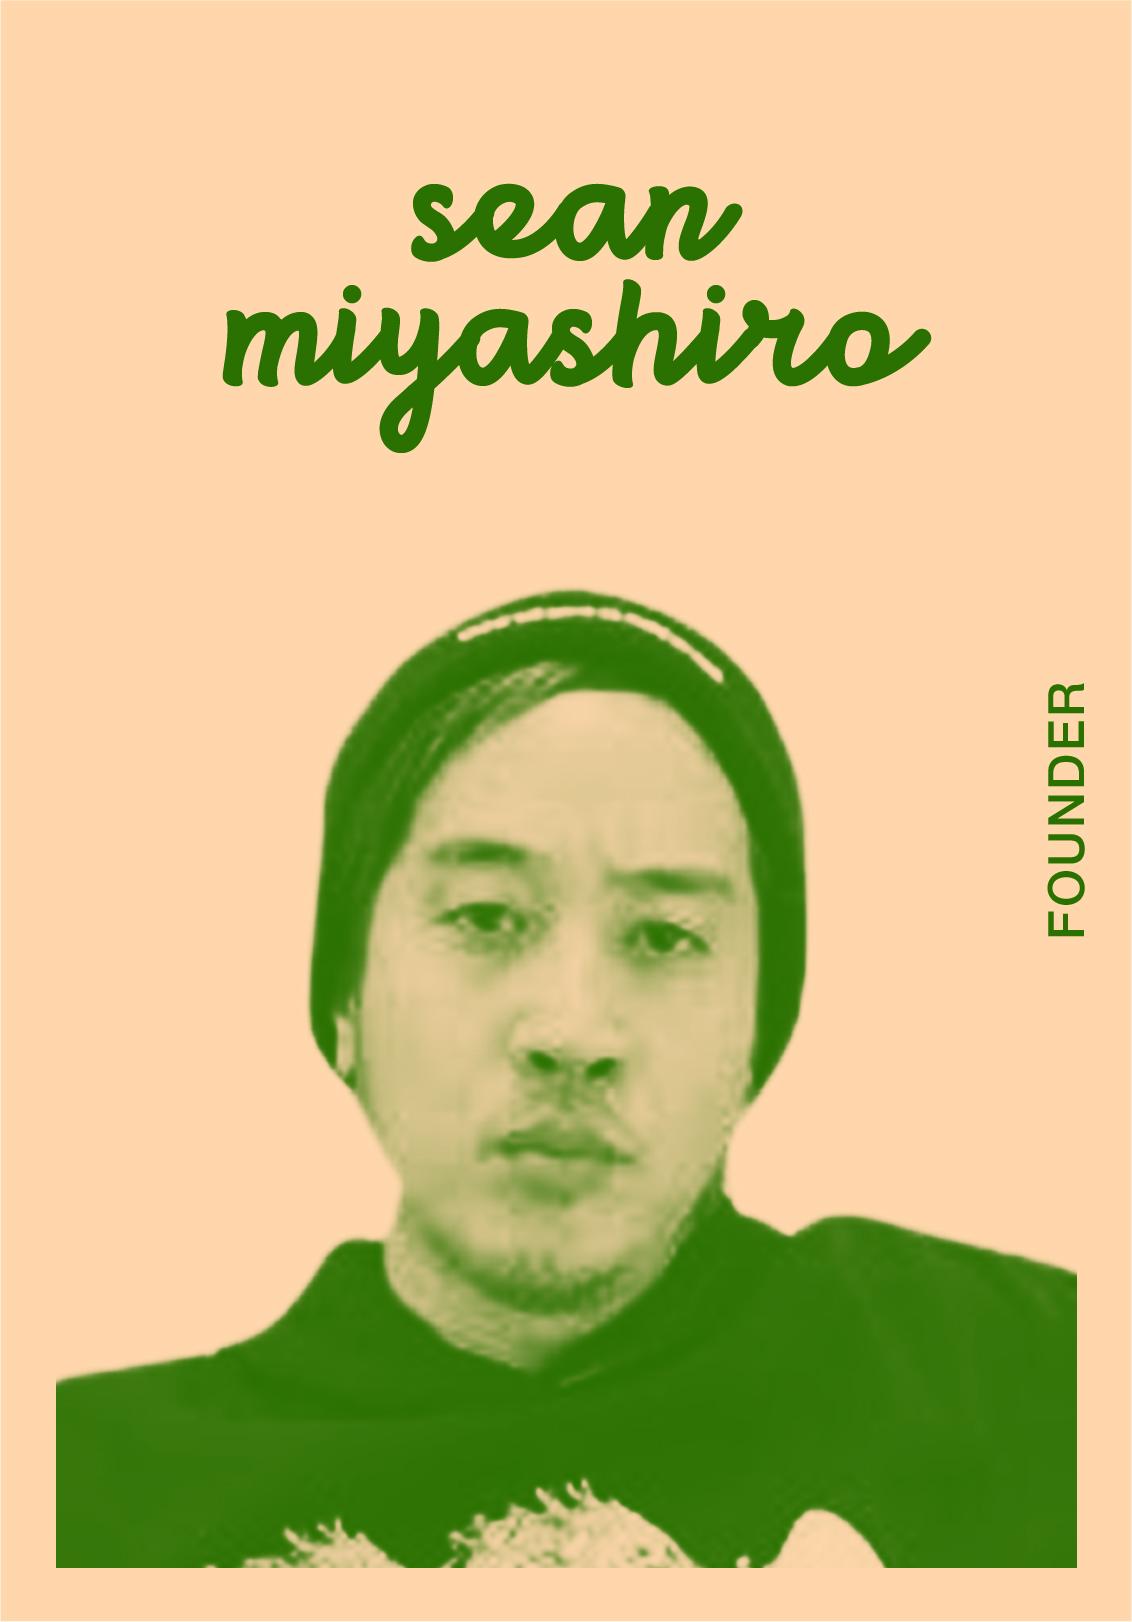 Sean Miyashiro   NEW YORKER   BLOOMBERG   PITCHFORK